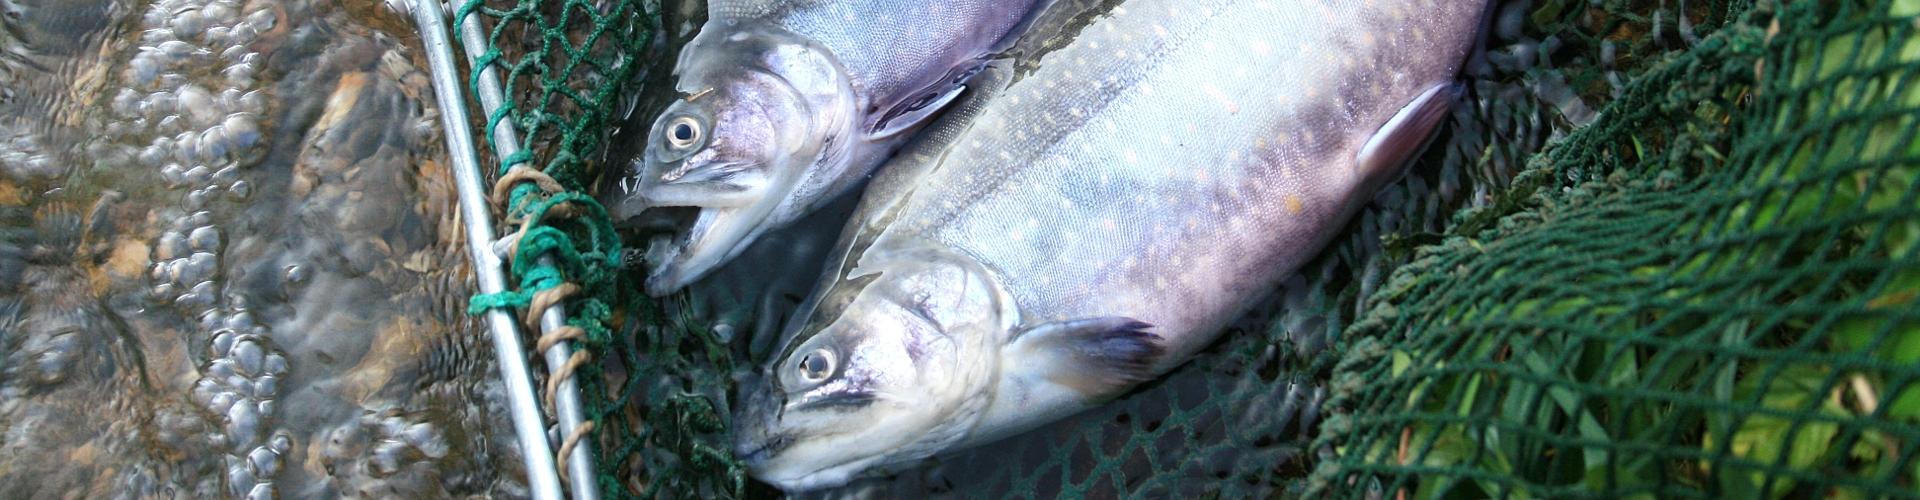 Forelle im Netz, © decleva's alpenfisch